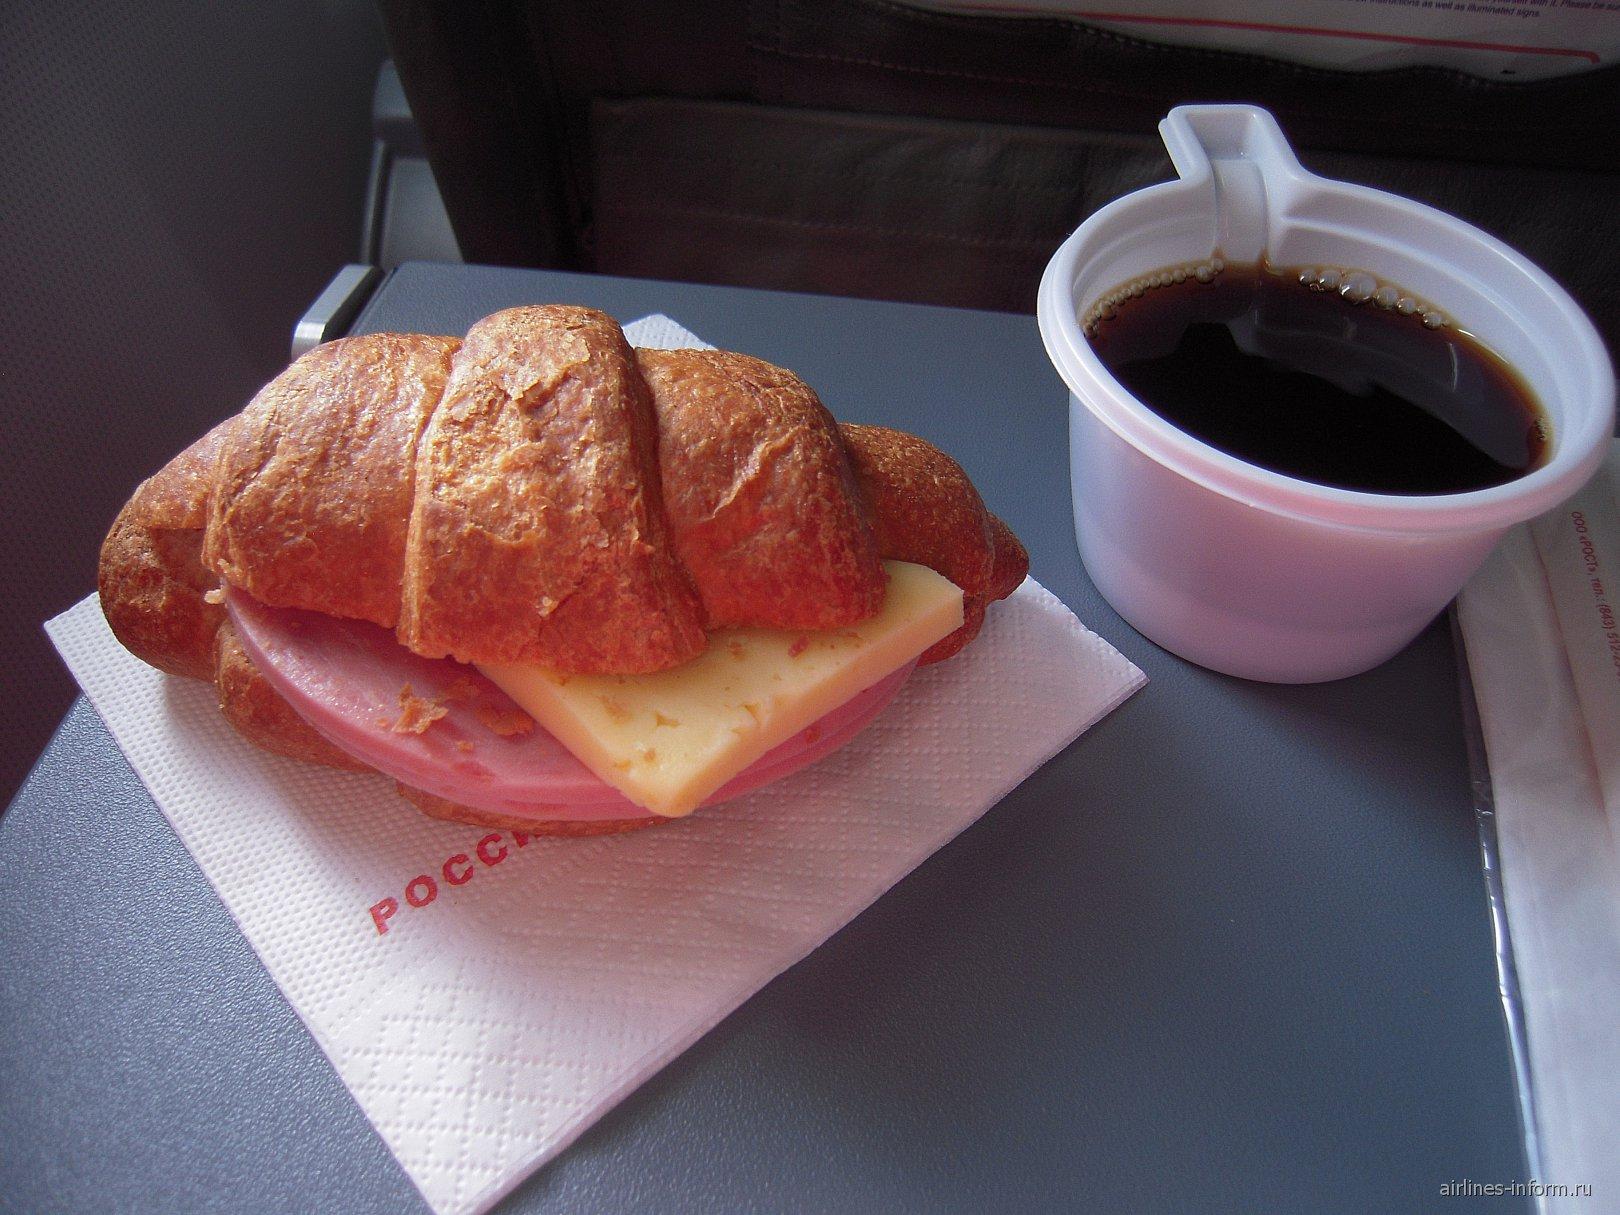 Питание на рейсе авиакомпании Россия Санкт-Петербург-Ростов авиакомпании Россия